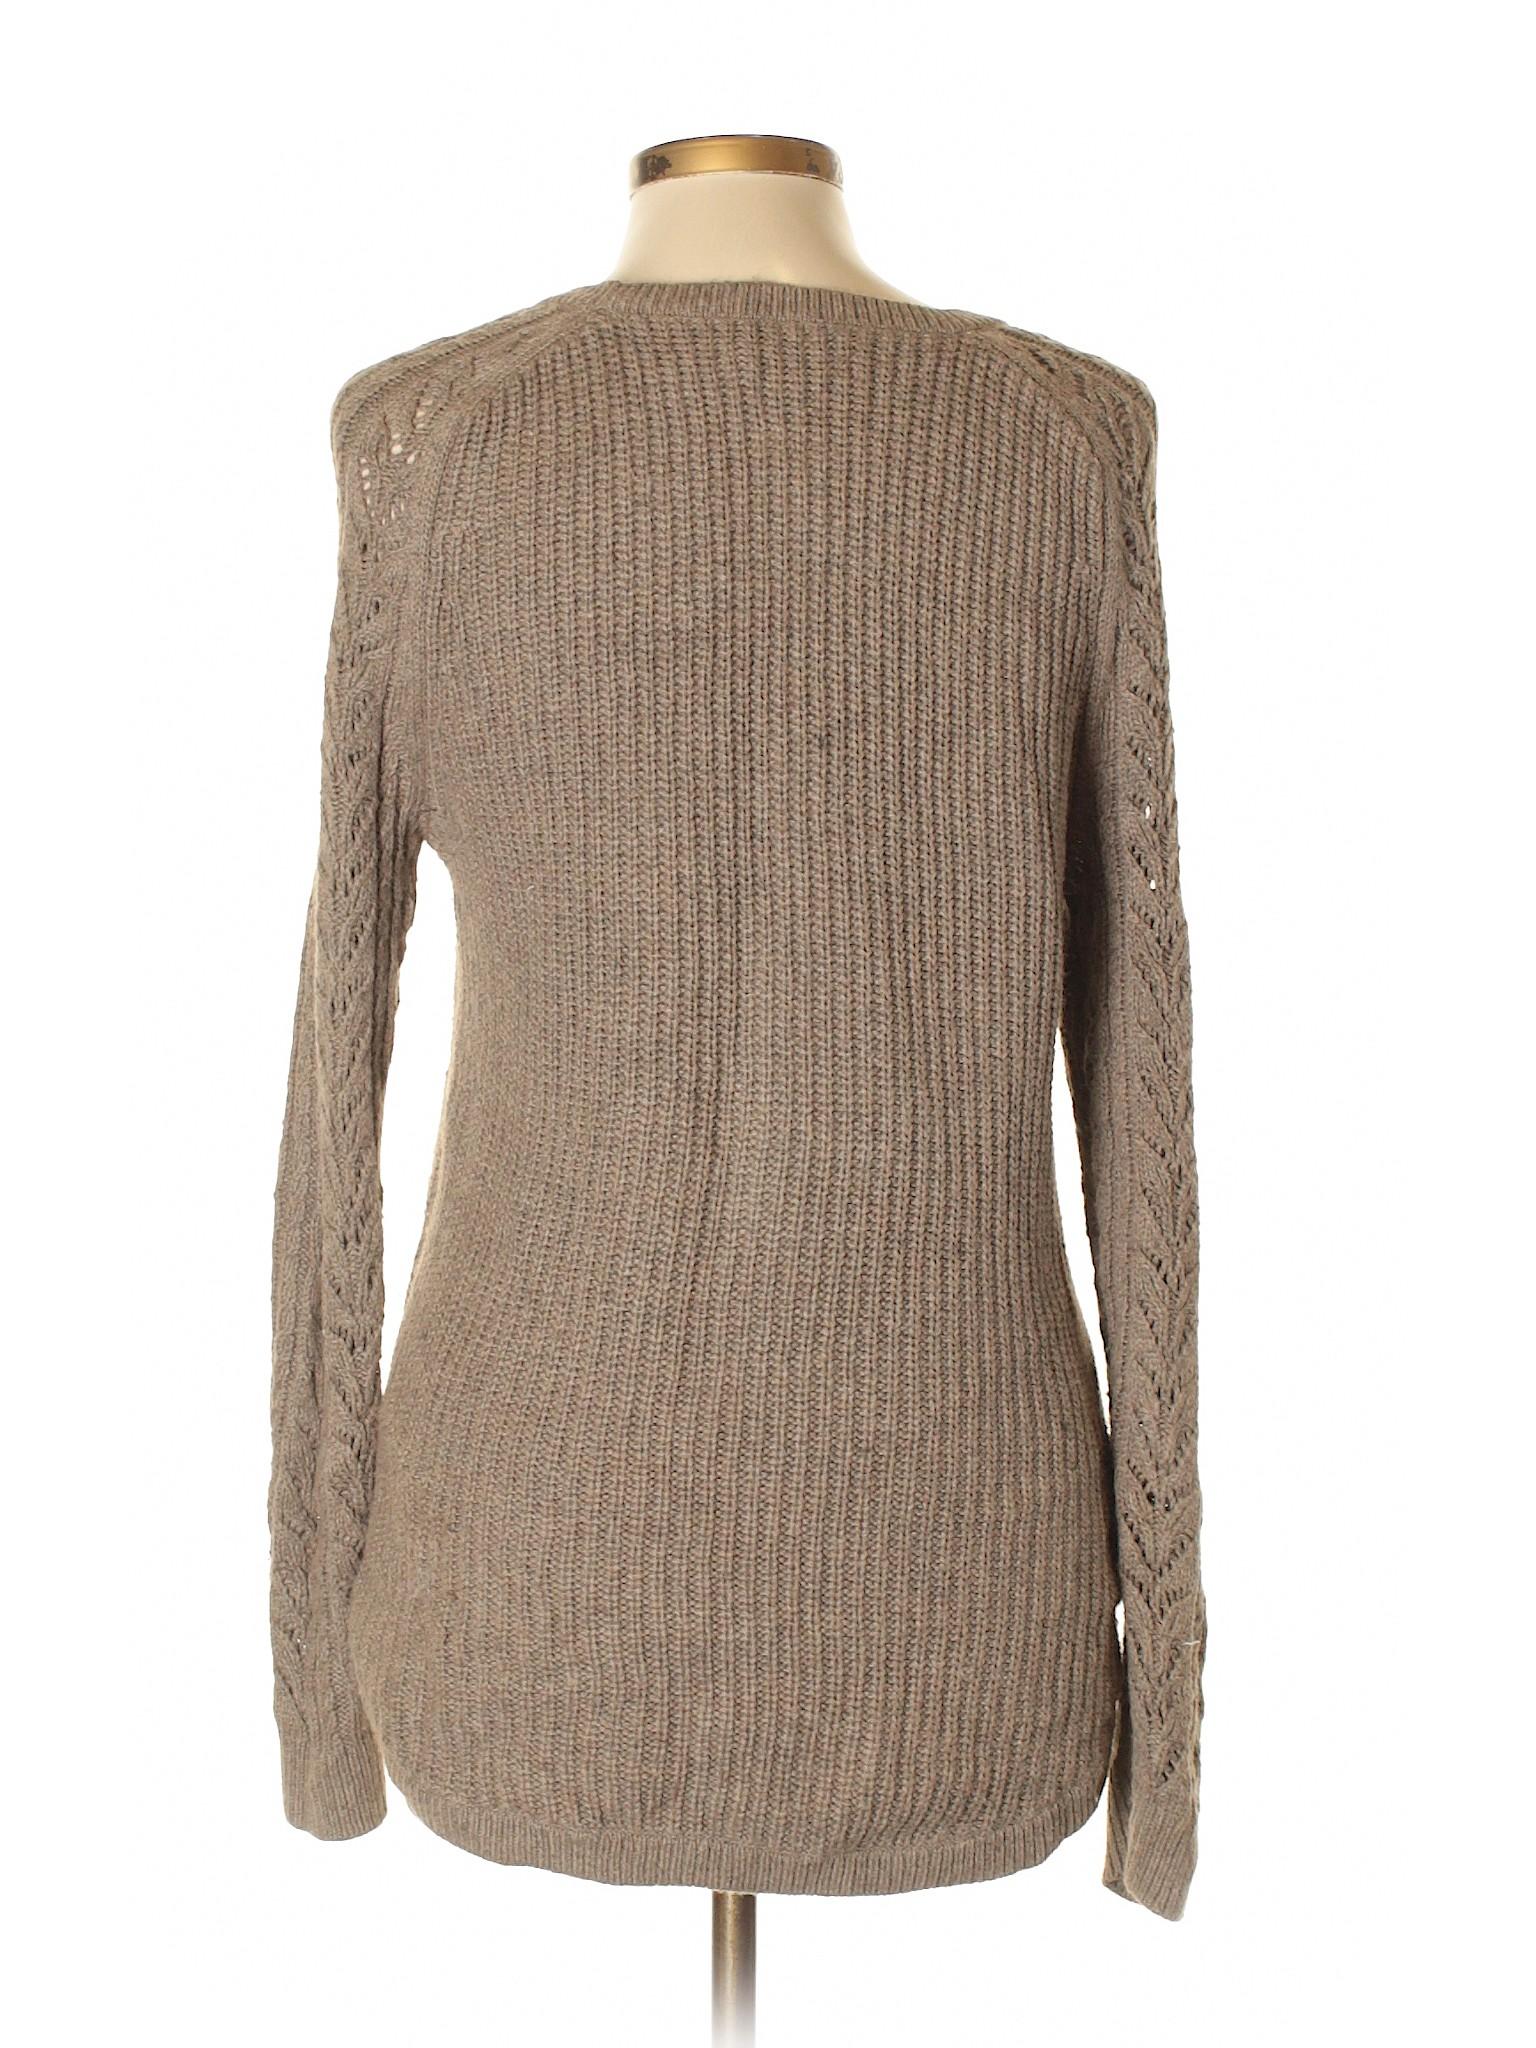 Boutique Pullover LOFT Ann Sweater Taylor FqOtFwr